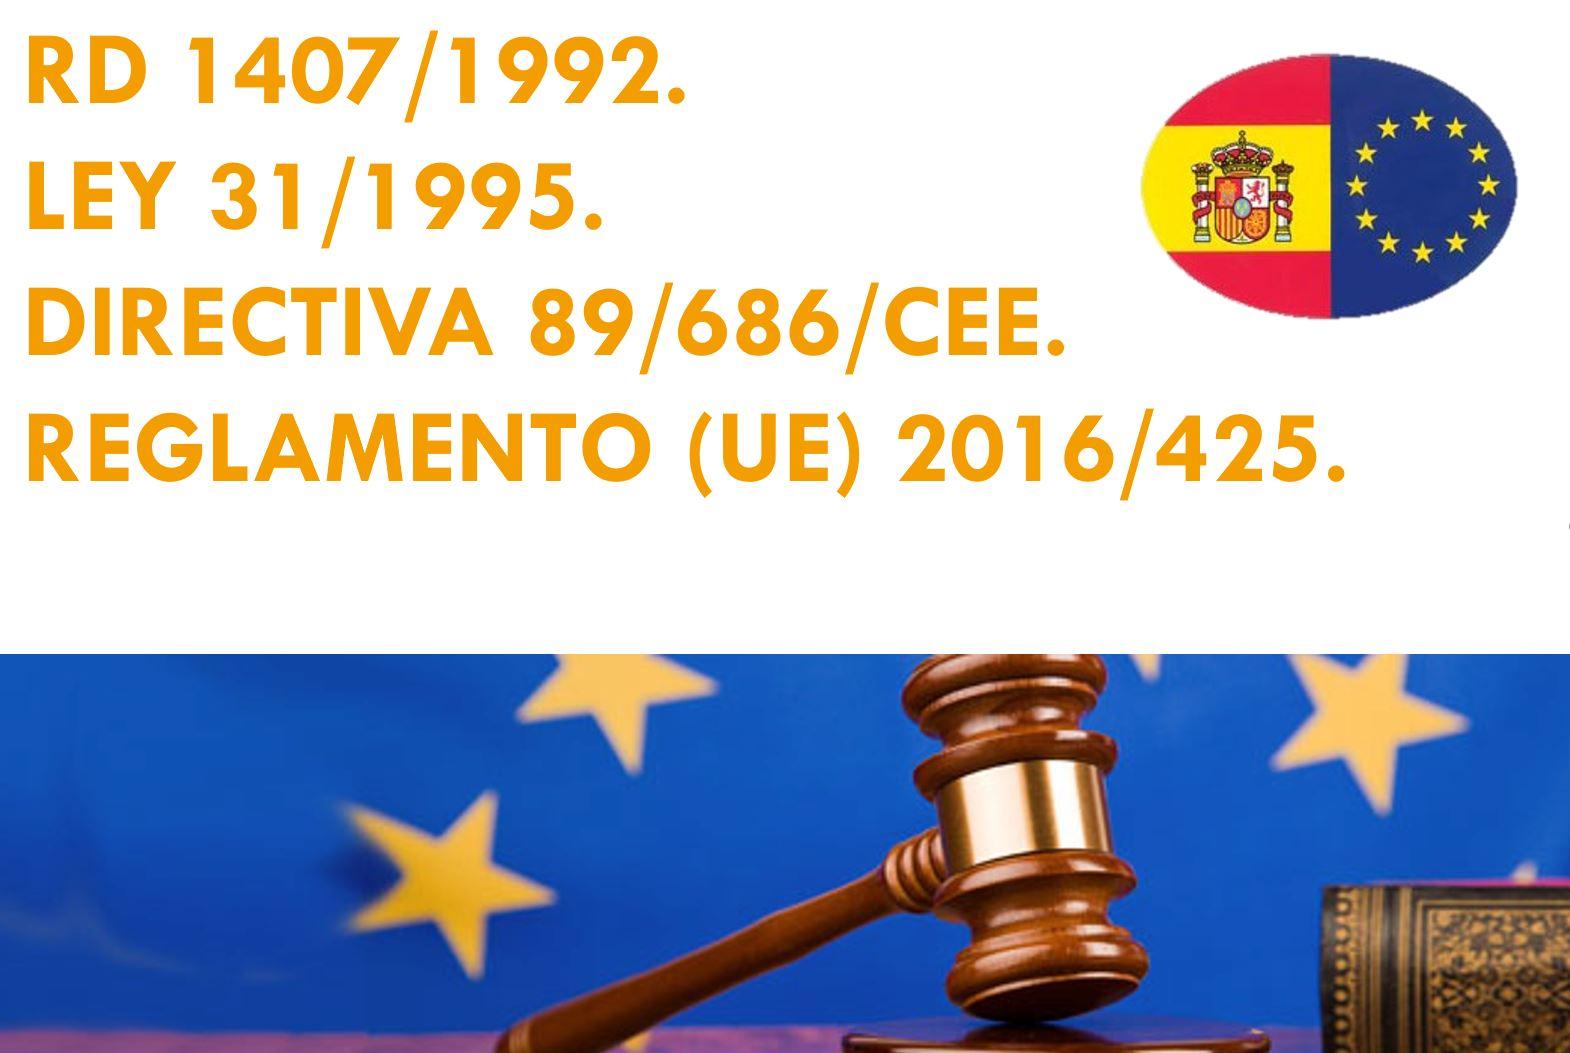 DIFERENCIA ENTRE DIRECTIVA Y REGLAMENTO UE